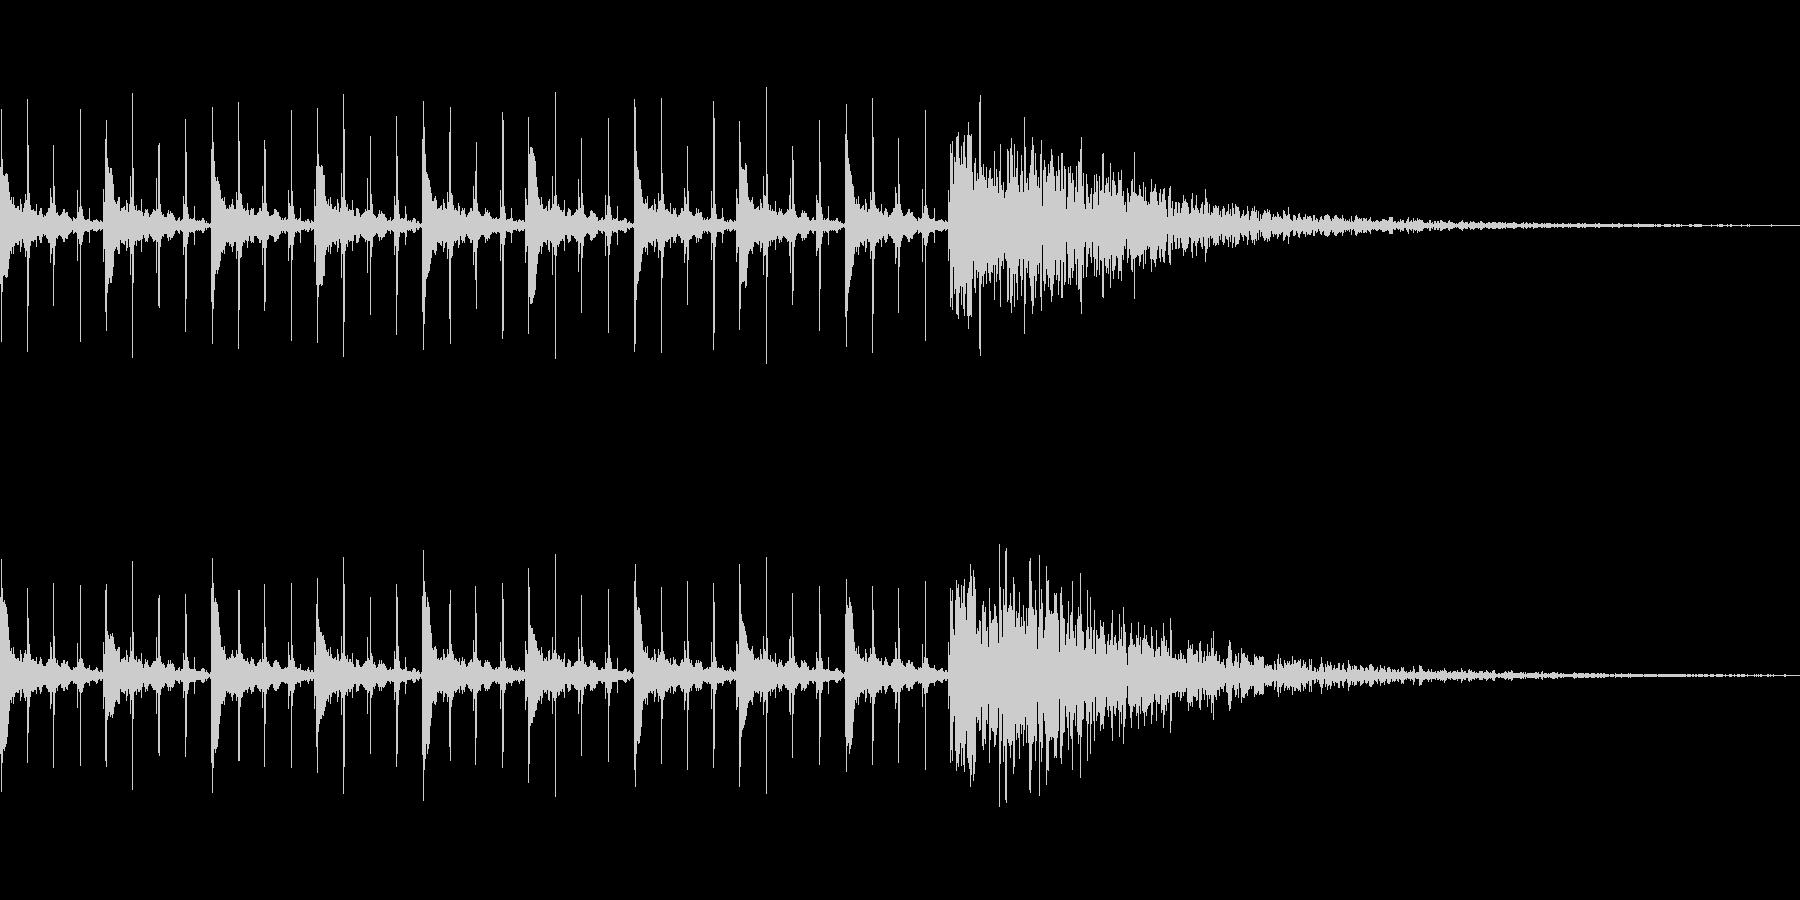 カウントダウン効果音(10秒)の未再生の波形